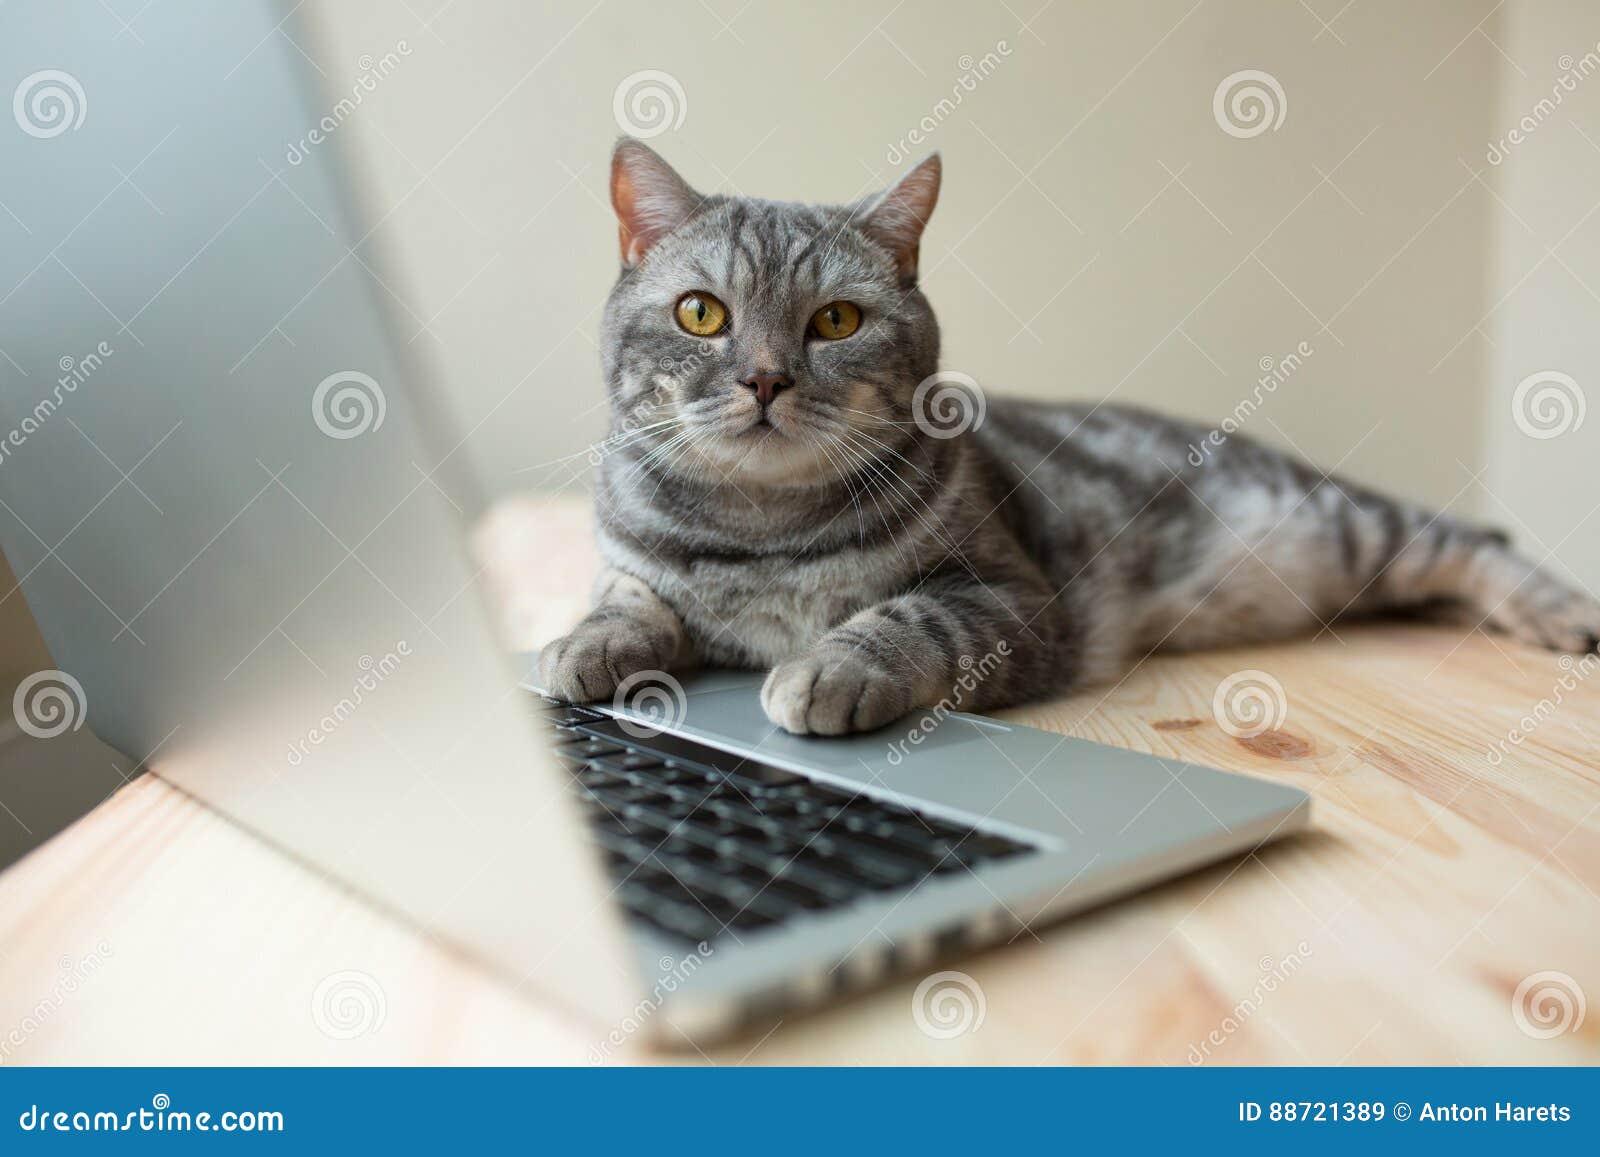 Nette schottische gerade graue Katze, die online am Computer arbeitet